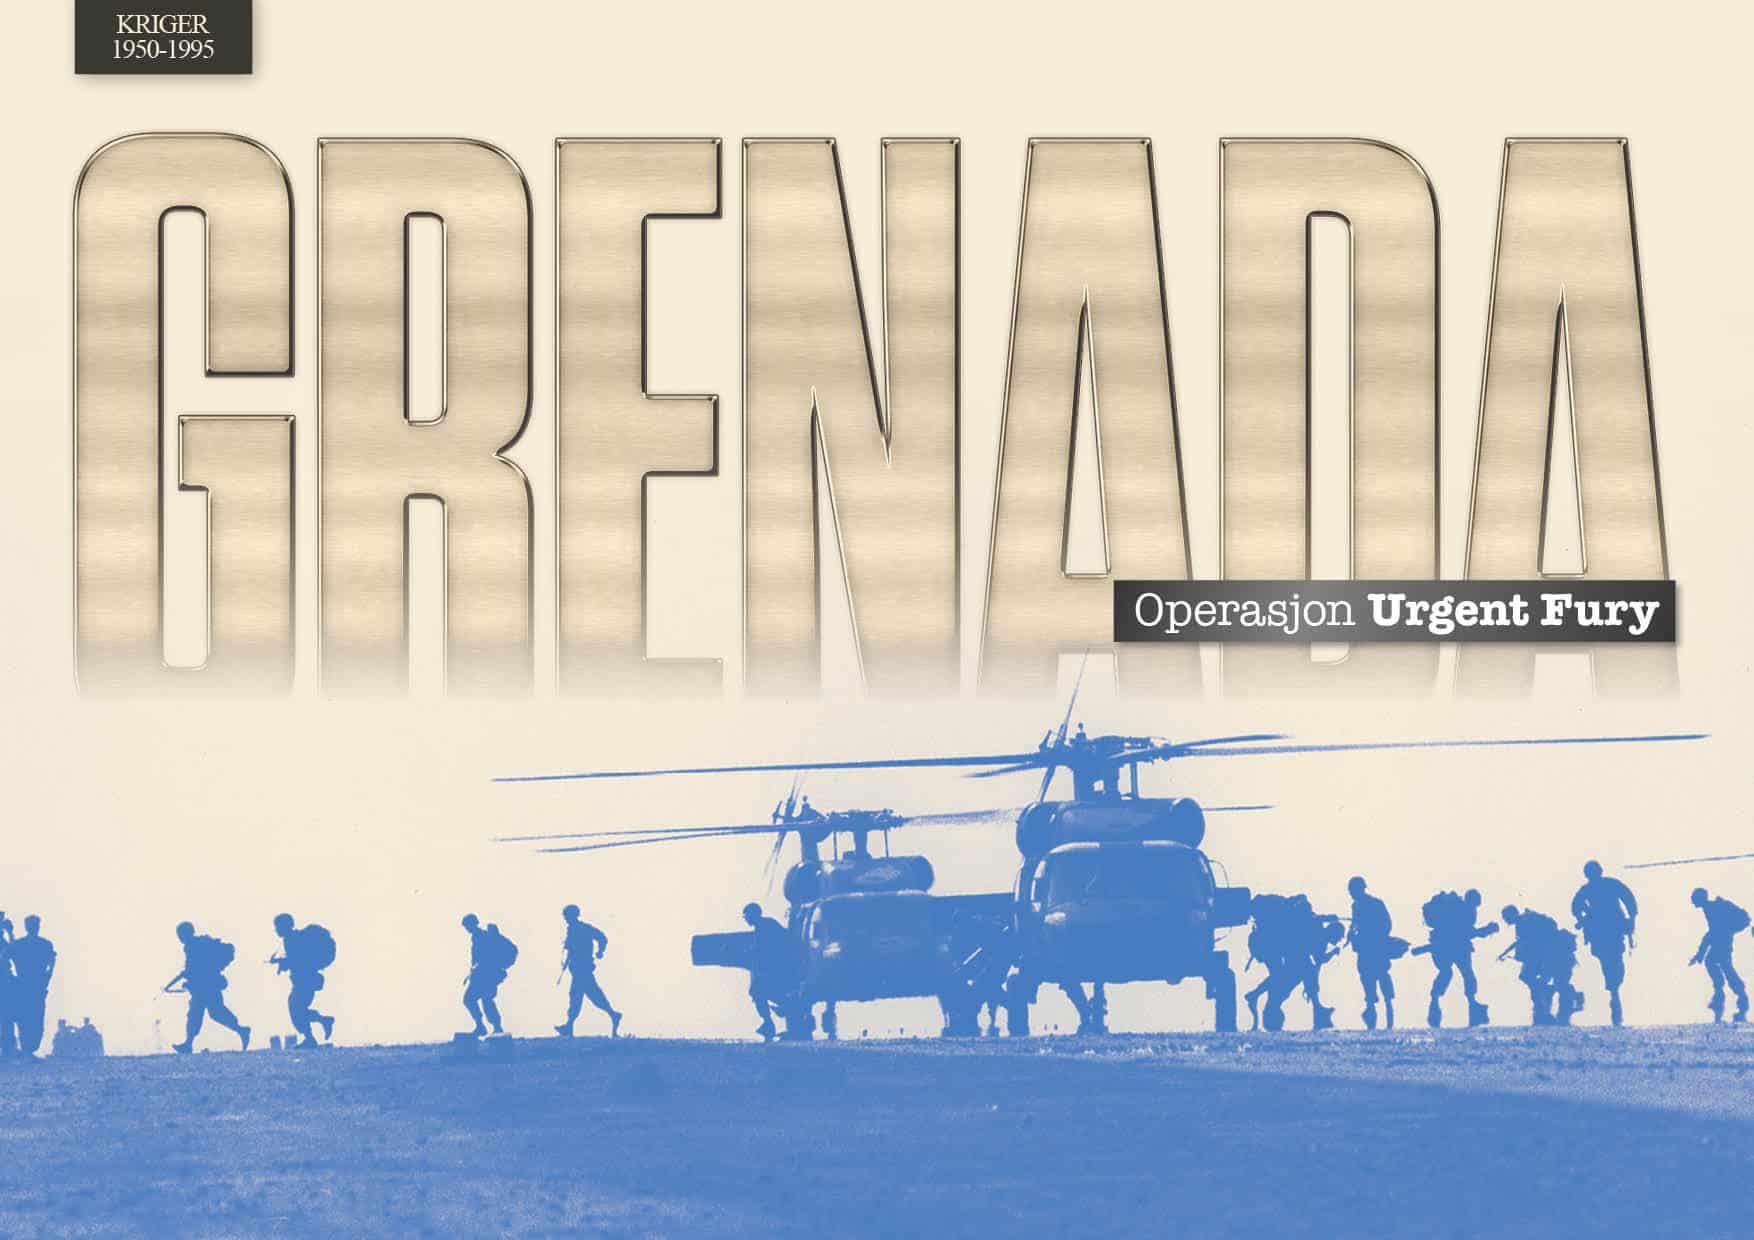 Grenada: Operasjon Urgent Fury